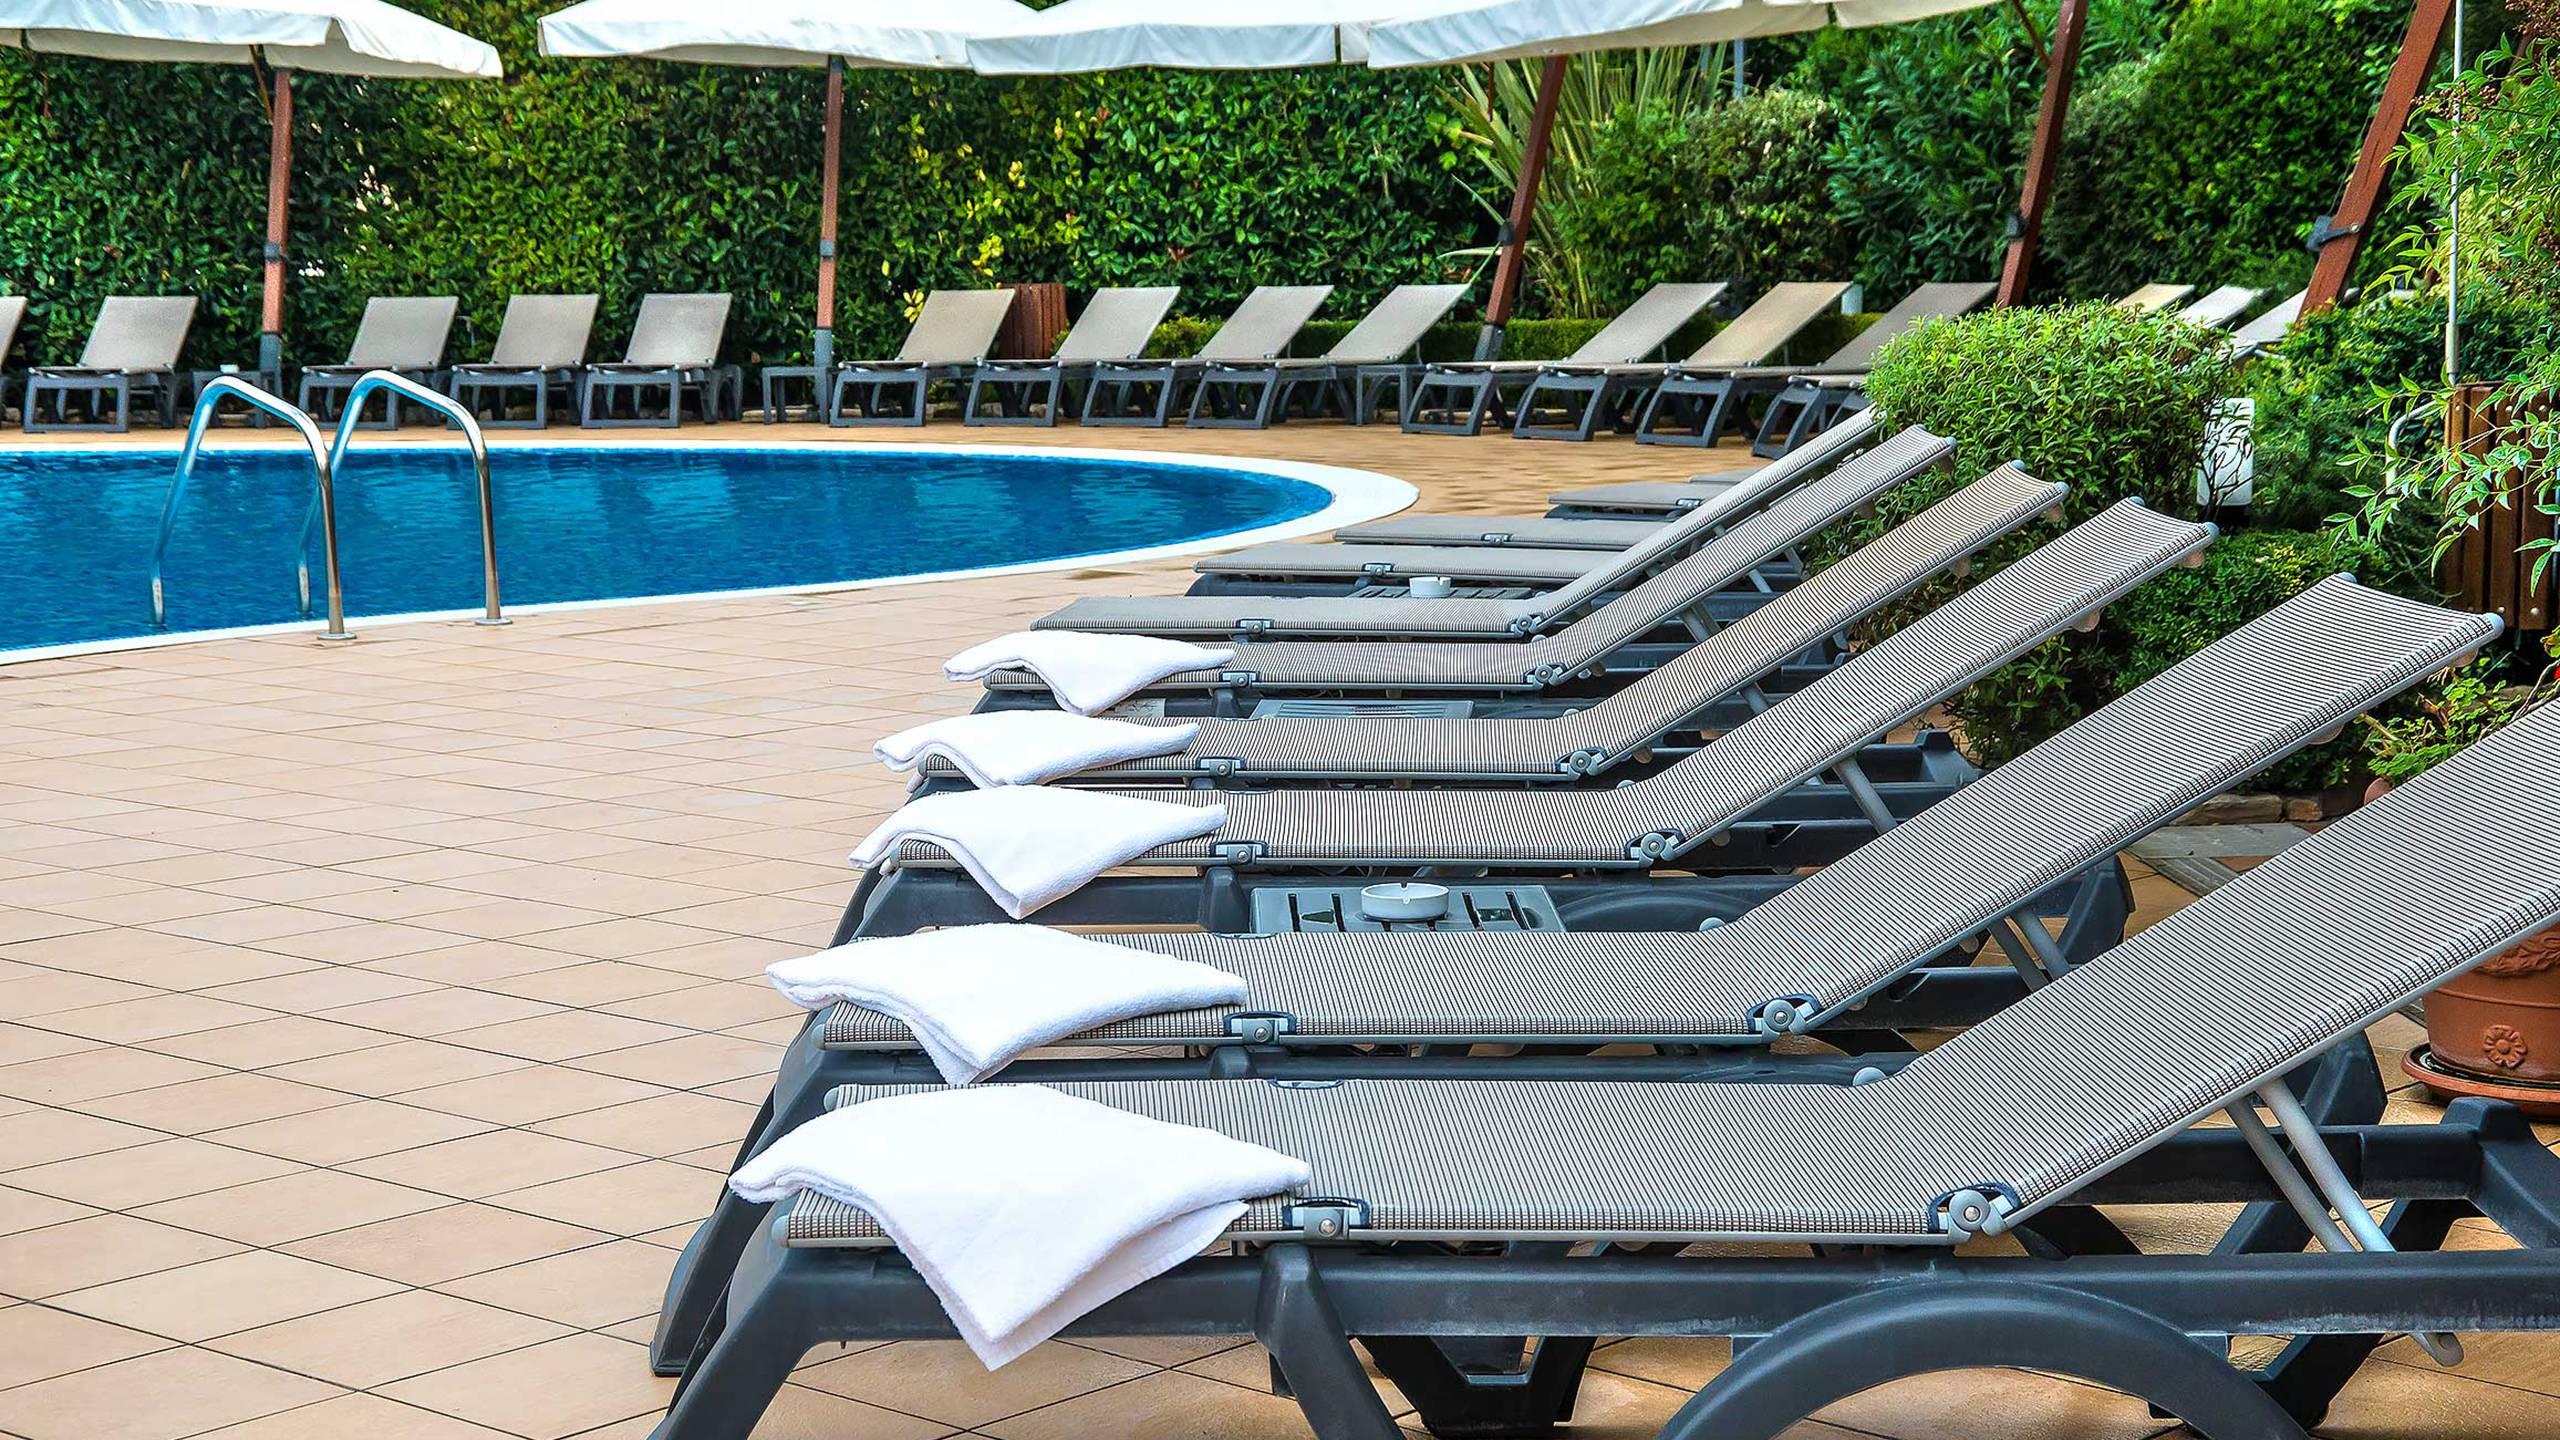 Hotel-La-Giocca-Roma-swimming-pool-6